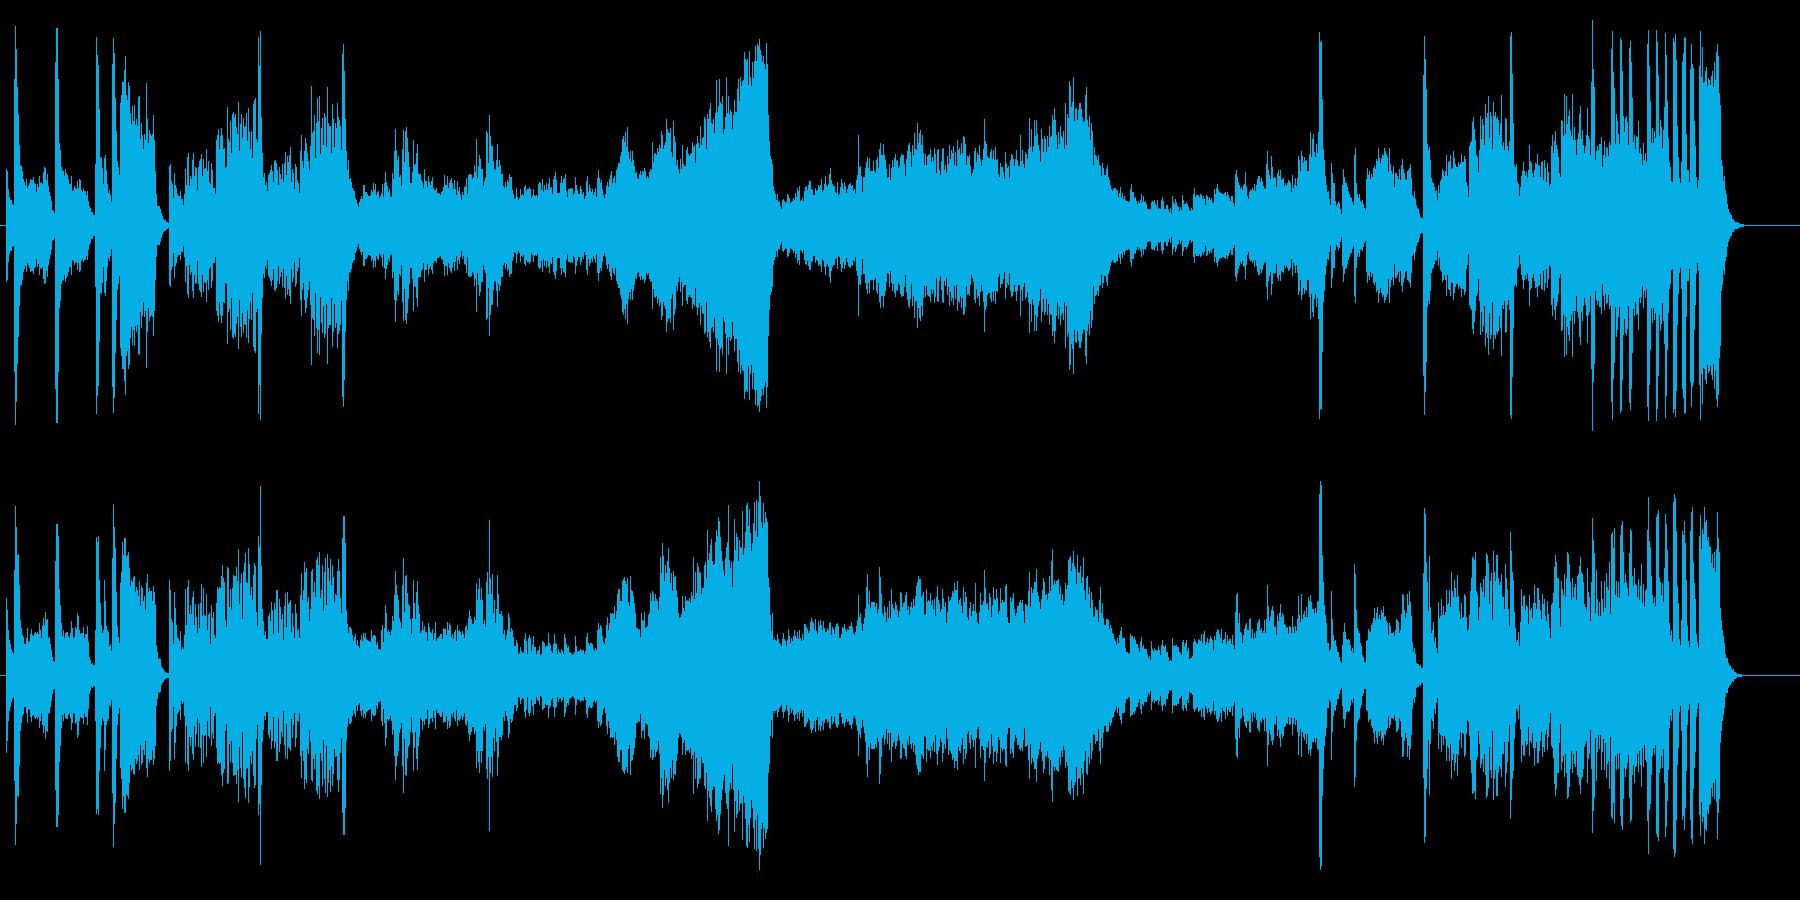 クラシカル・ミュージックの再生済みの波形